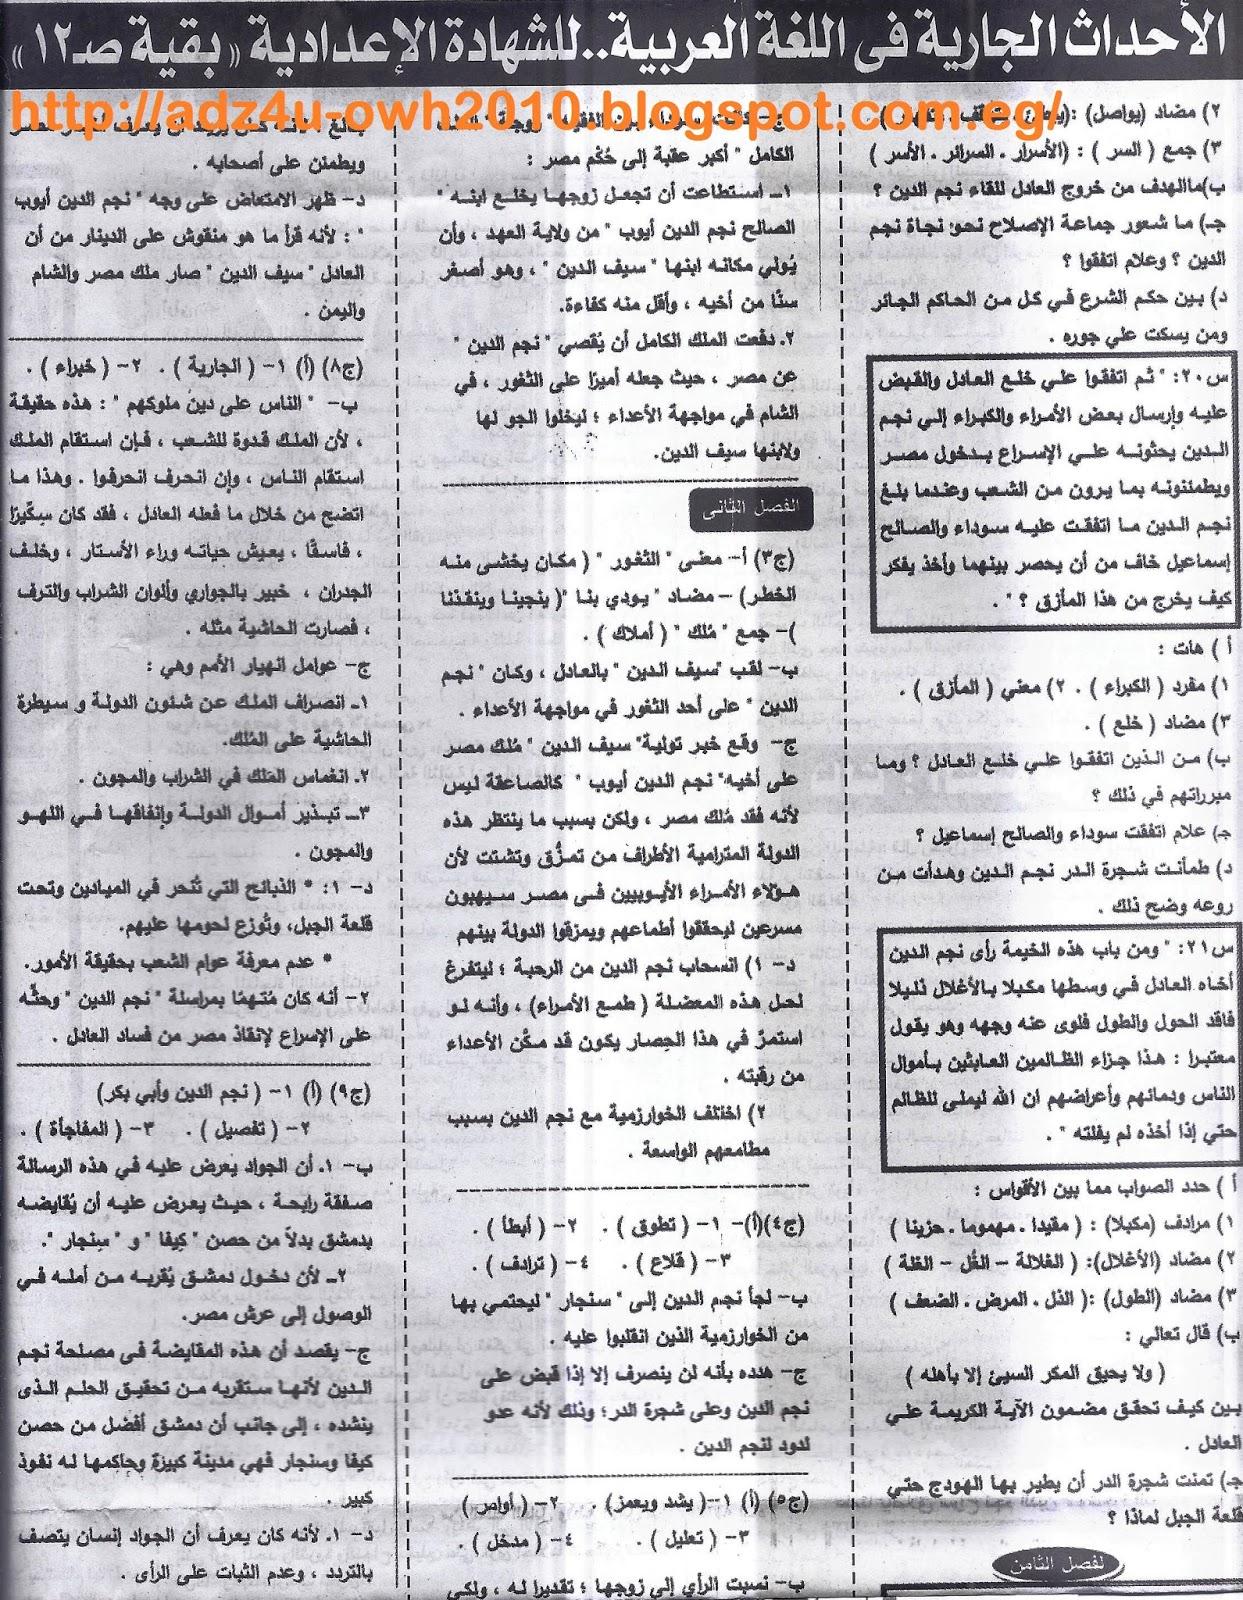 """ملحق الجمهورية ينشر... س وج المتوقع لقصة """"طموح جارية"""" للشهادة الإعدادية نصف العام 2016 4"""